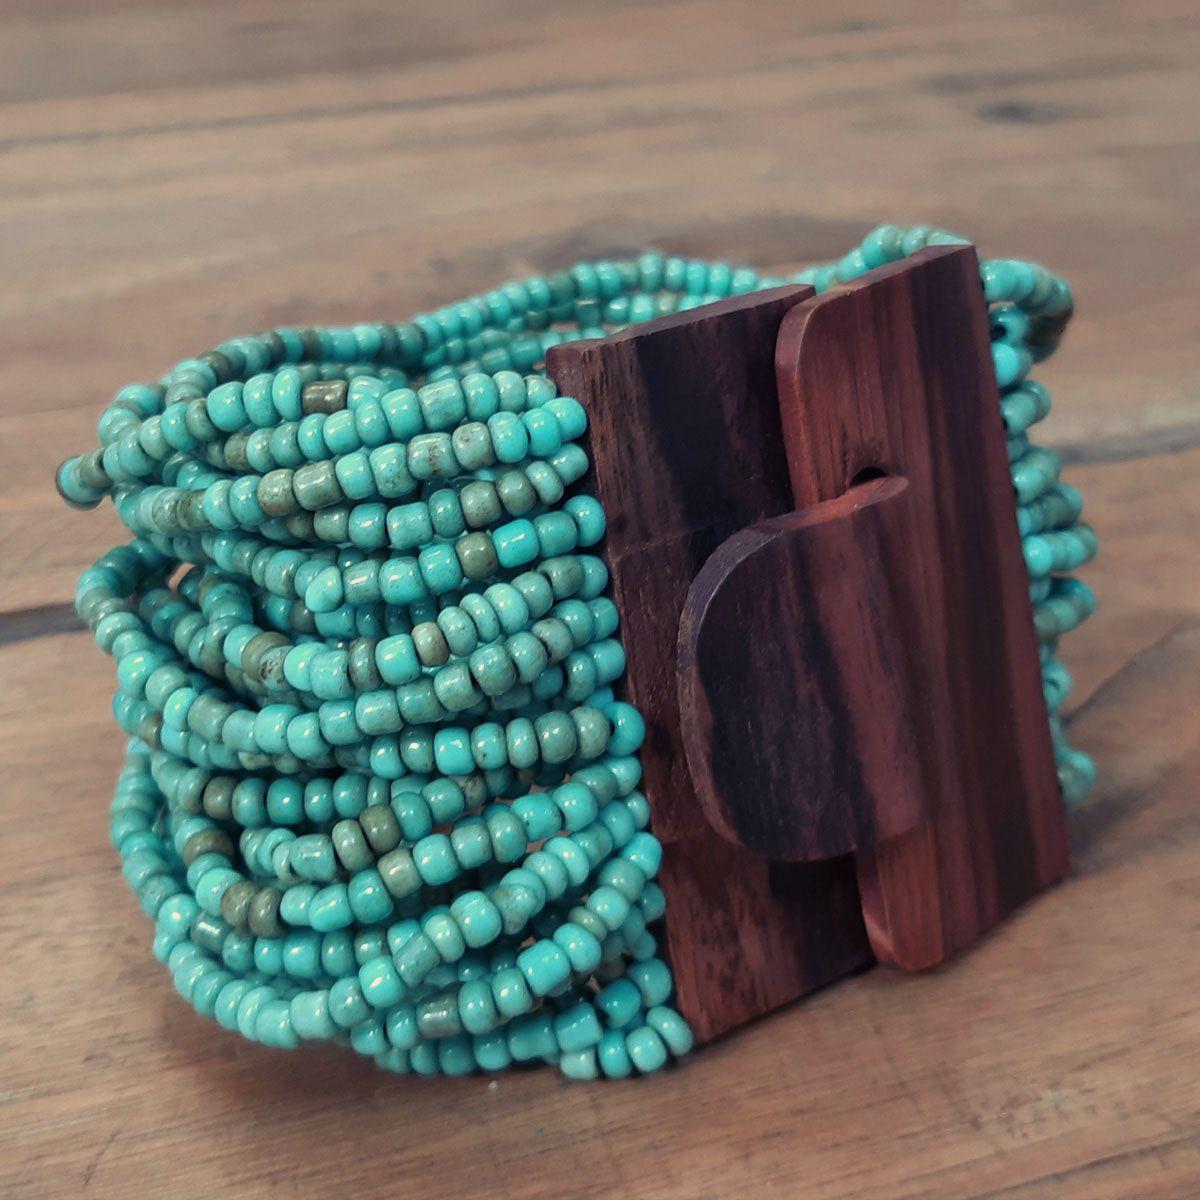 Pulseira de miçanga e fecho madeira turquesa